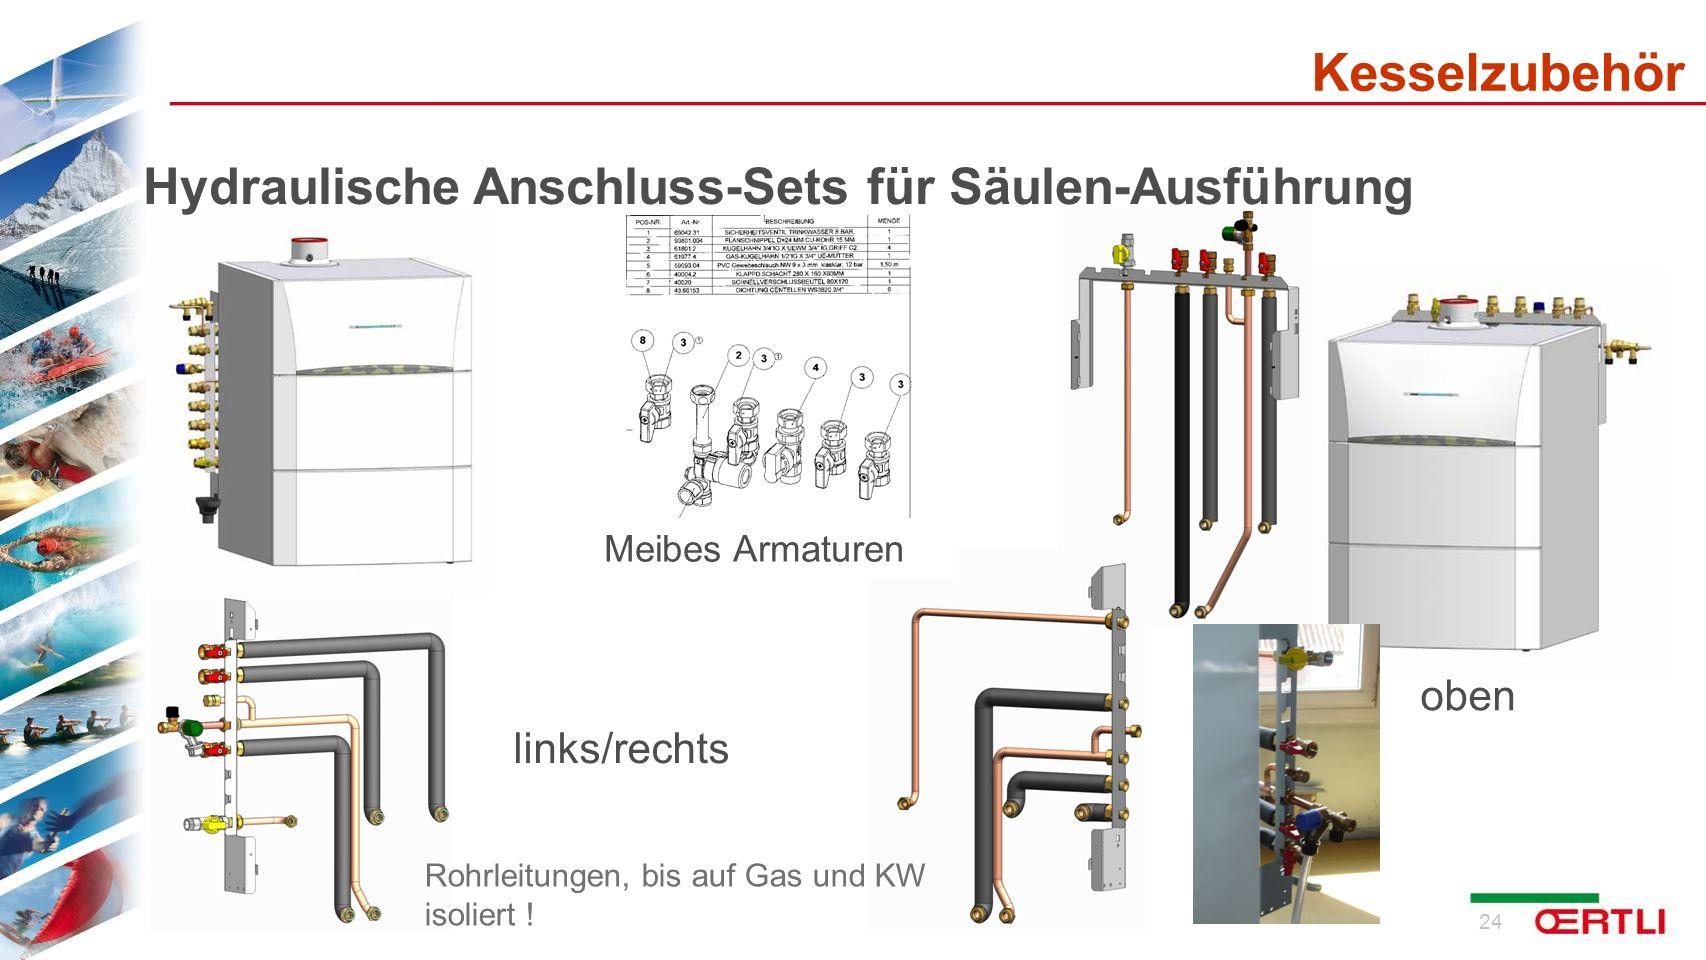 Kesselzubehör Hydraulische Anschluss-Sets für Säulen-Ausführung oben